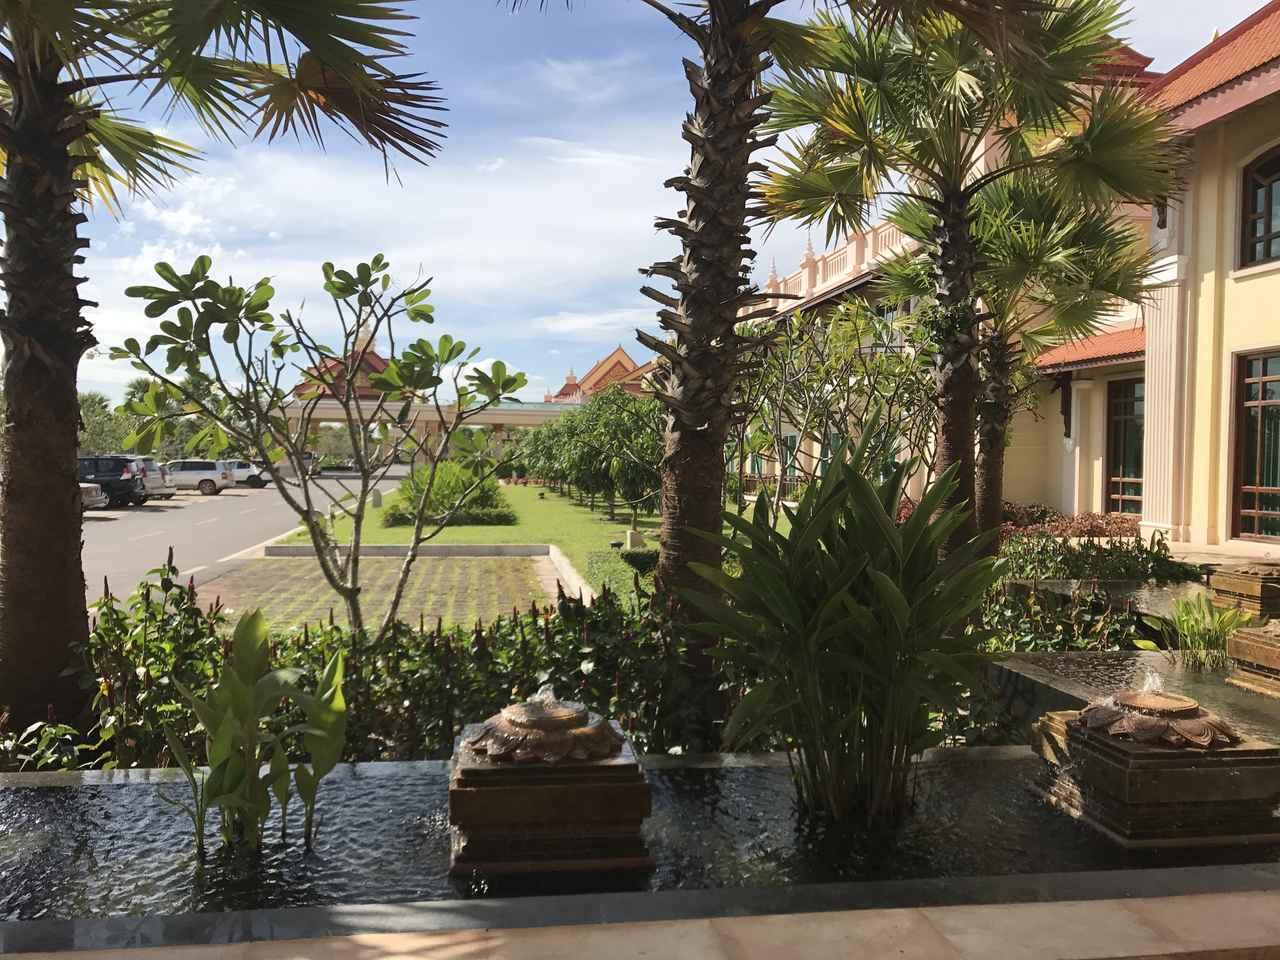 画像1: 今回も宿泊ホテルは5つ星のソカシェムリアップリゾートホテル